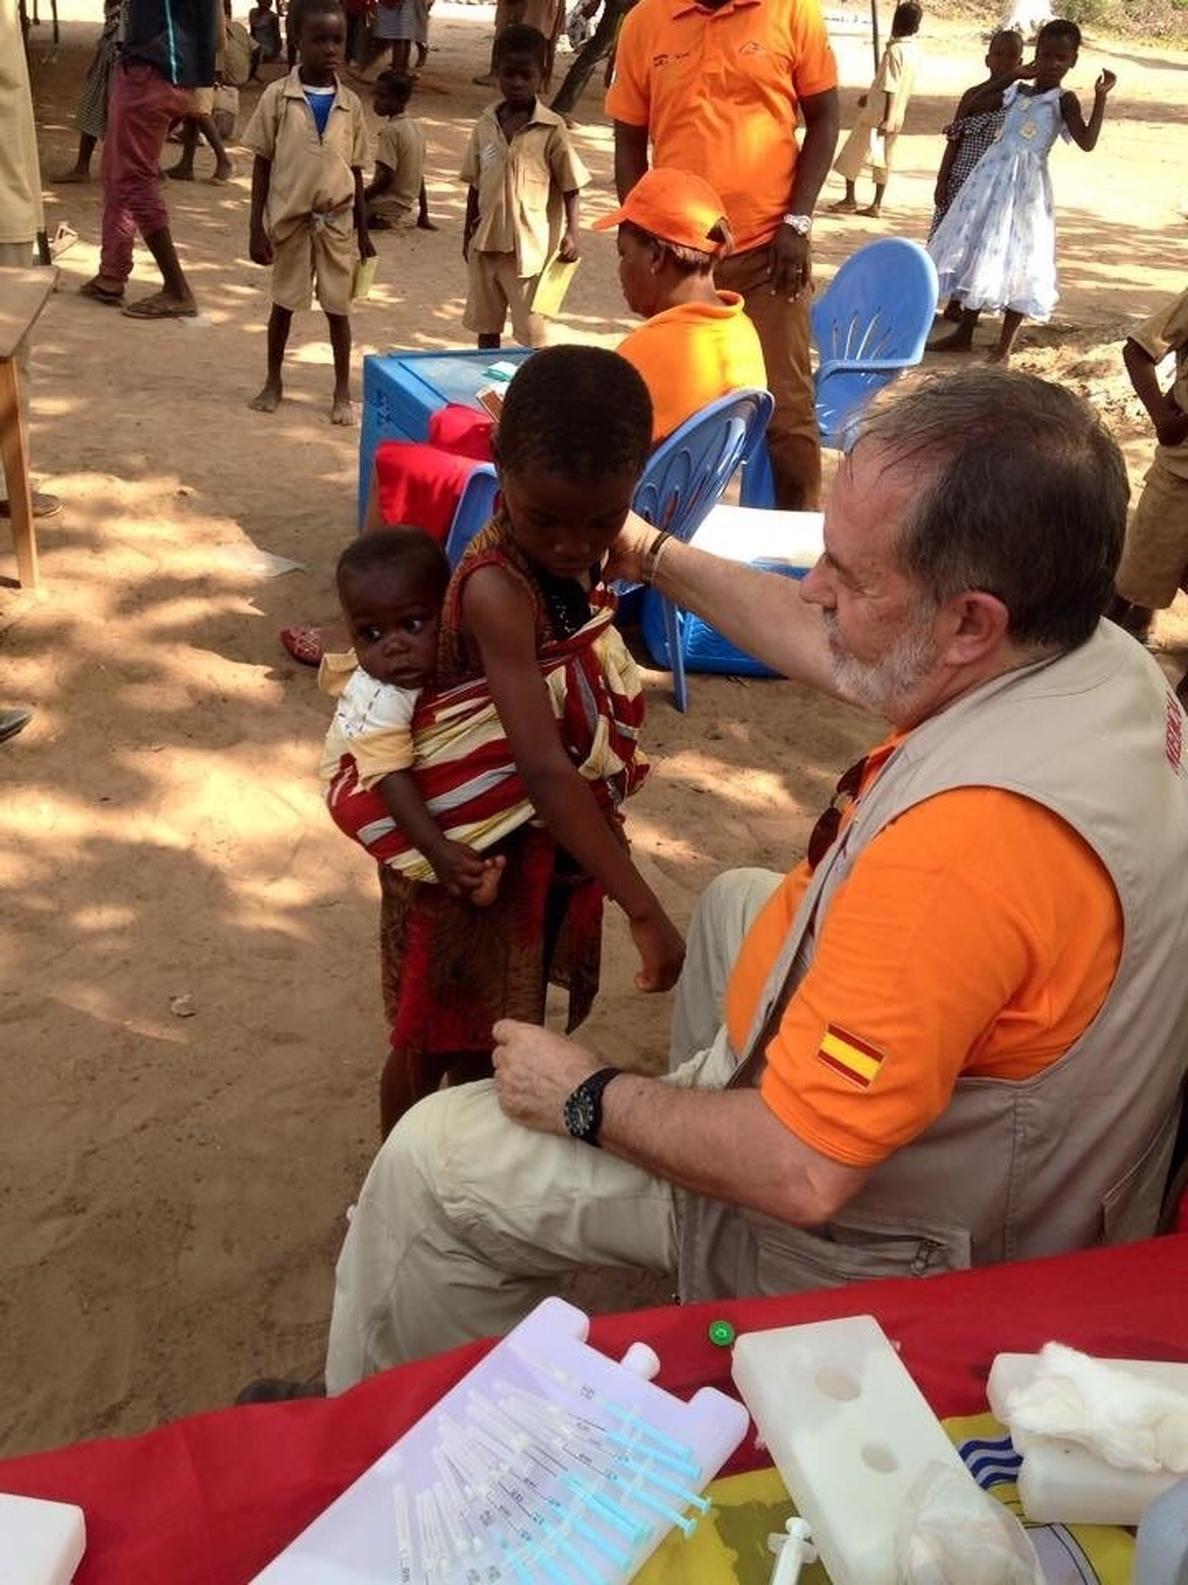 Un grupo de pediatras sevillanos vacuna a 18.000 niños en Costa de Marfil contra la meningitis y la fiebre tifoidea